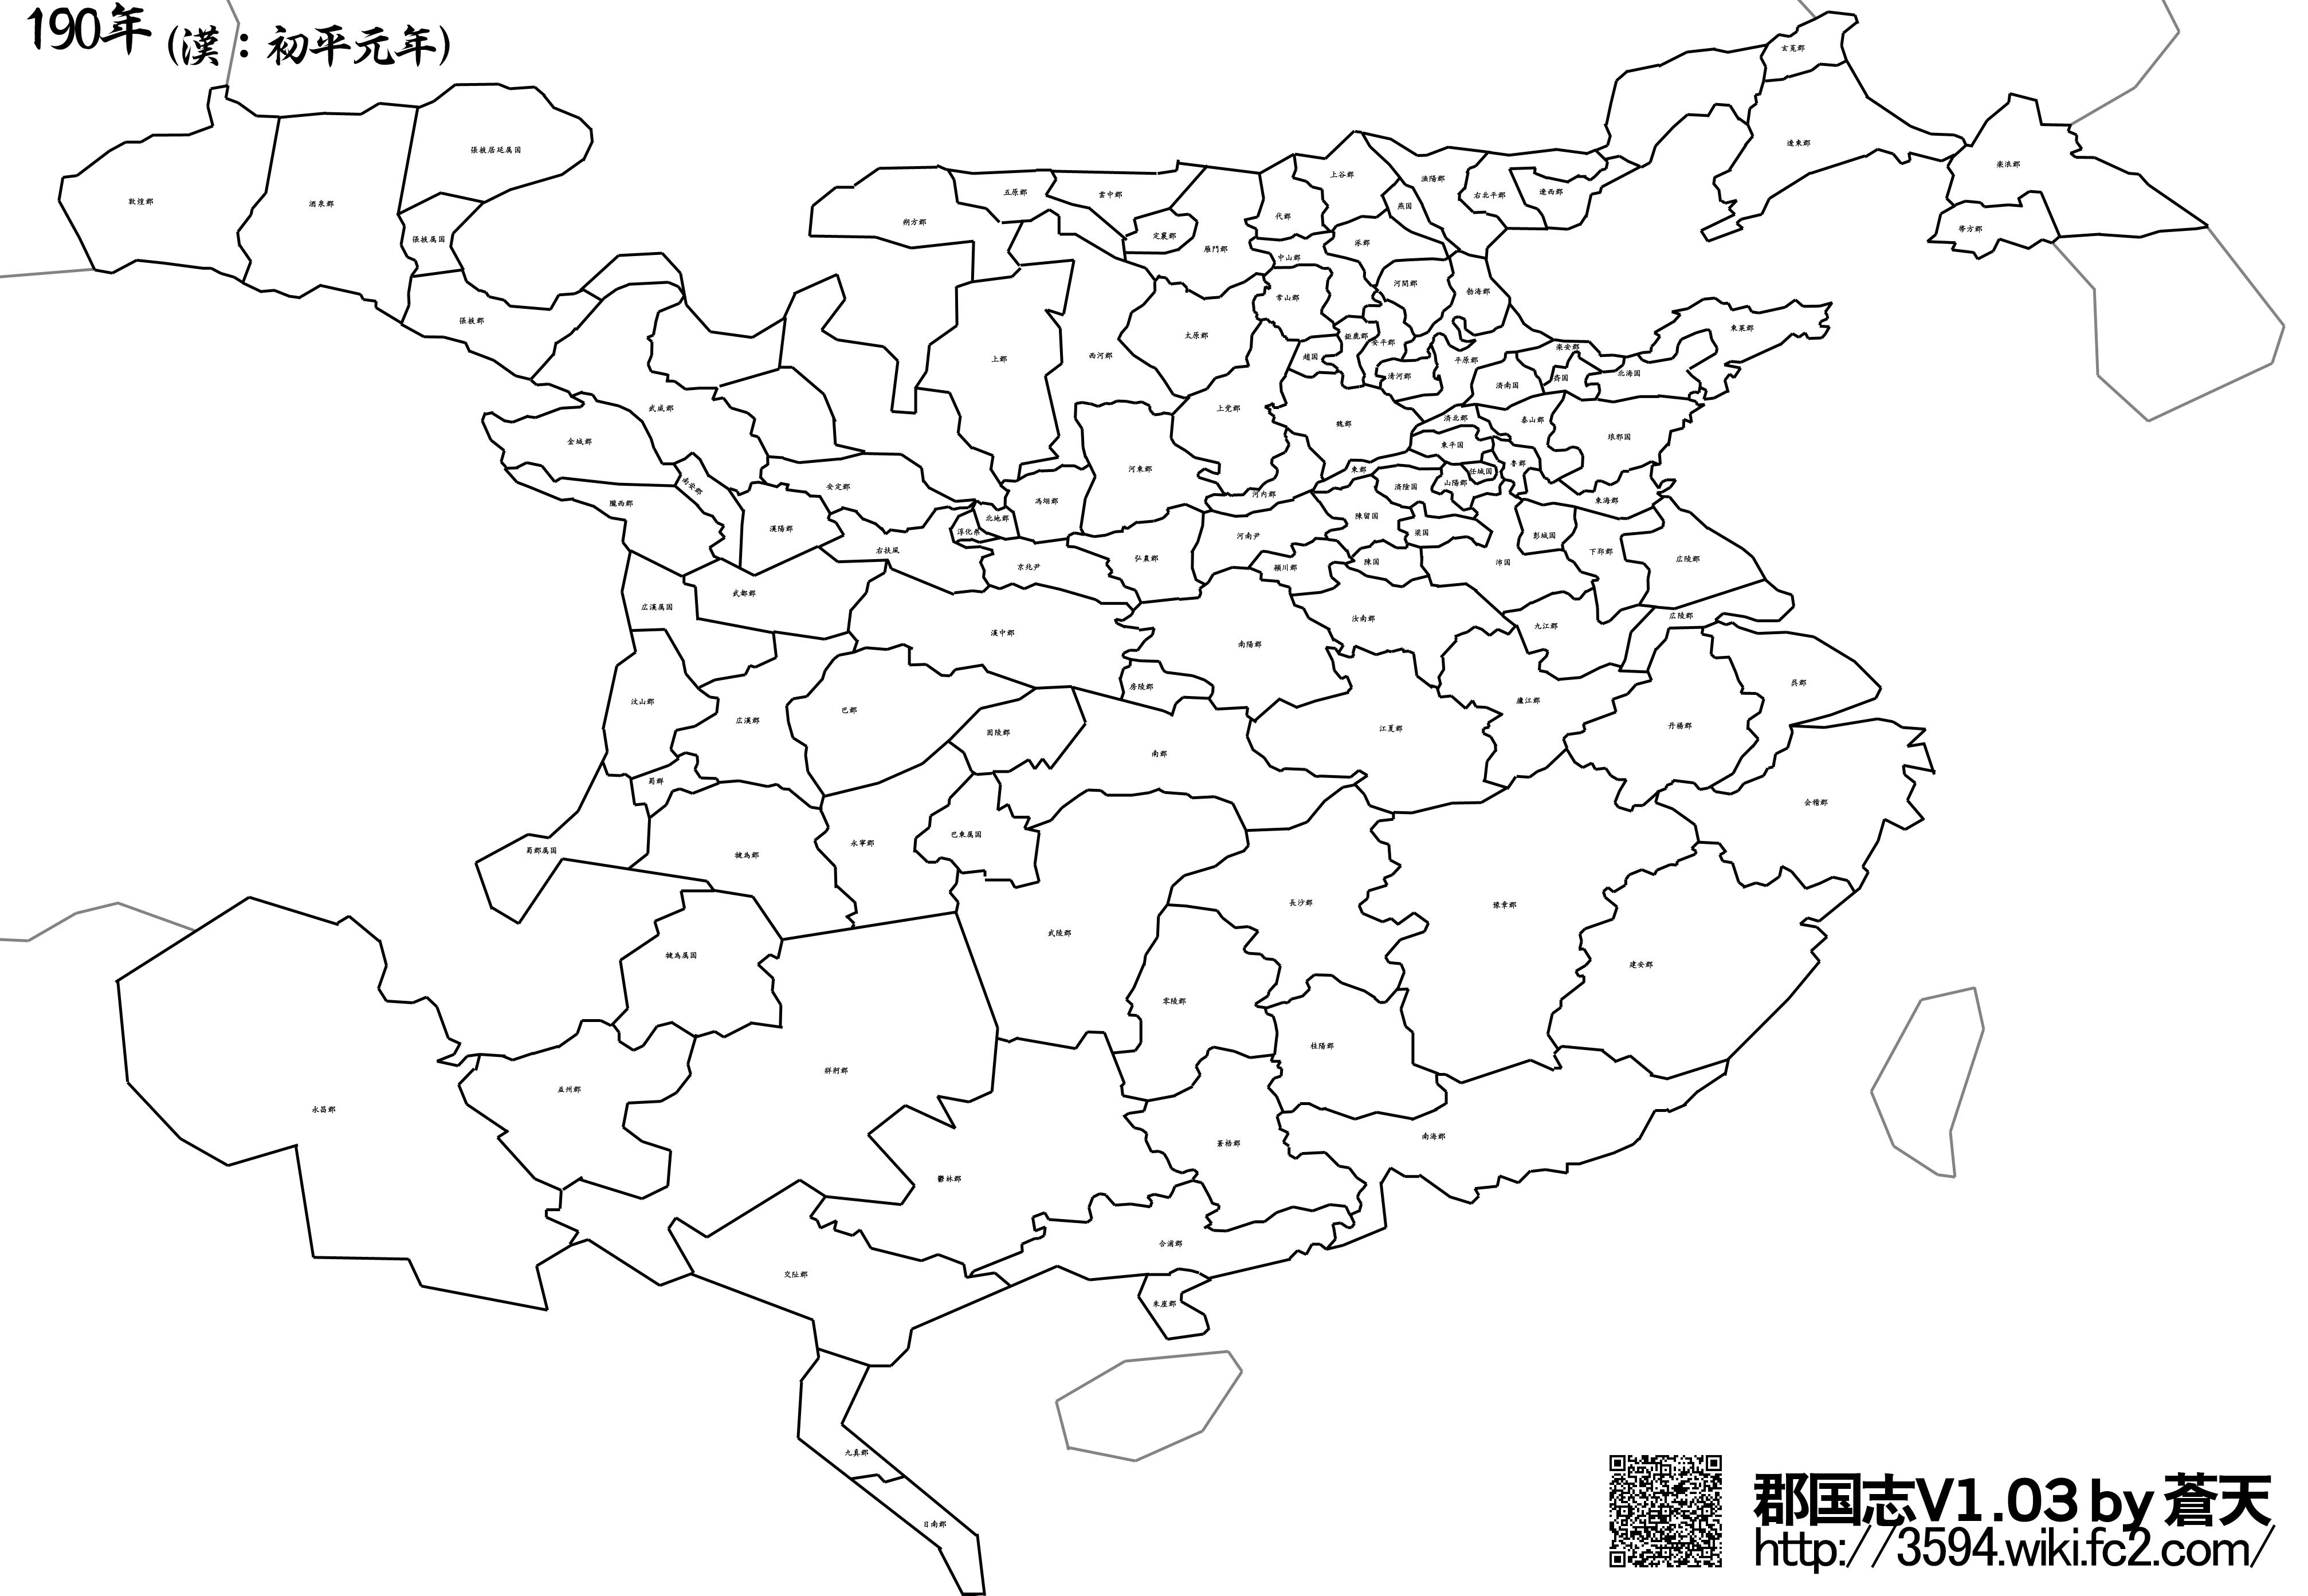 郡国志v103_190年